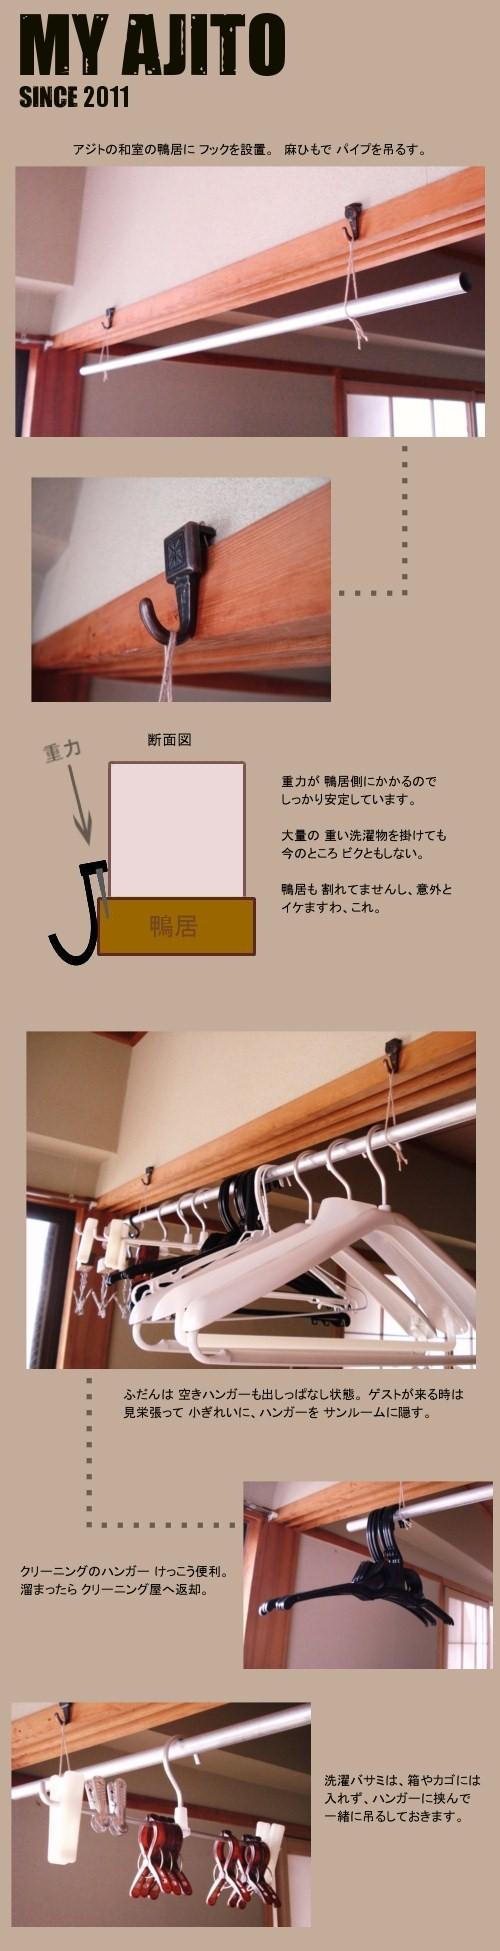 sentaku3.jpg